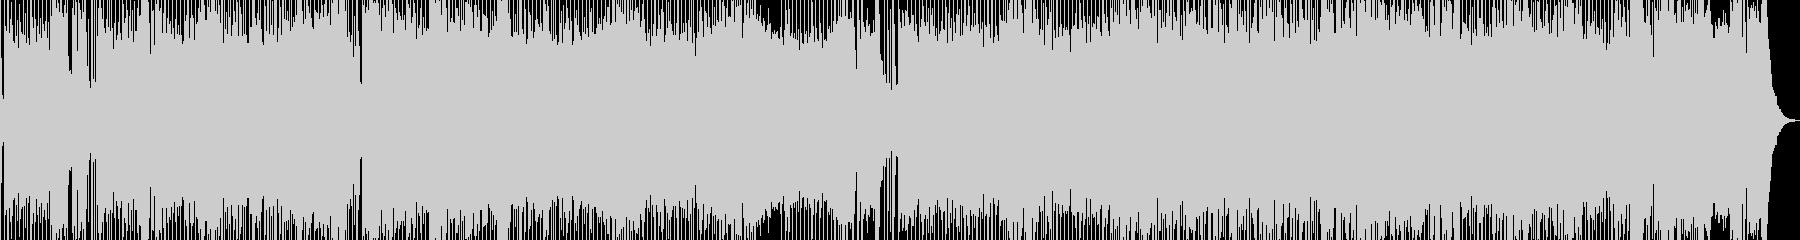 メイクアップ、平成初期のアニメの未再生の波形